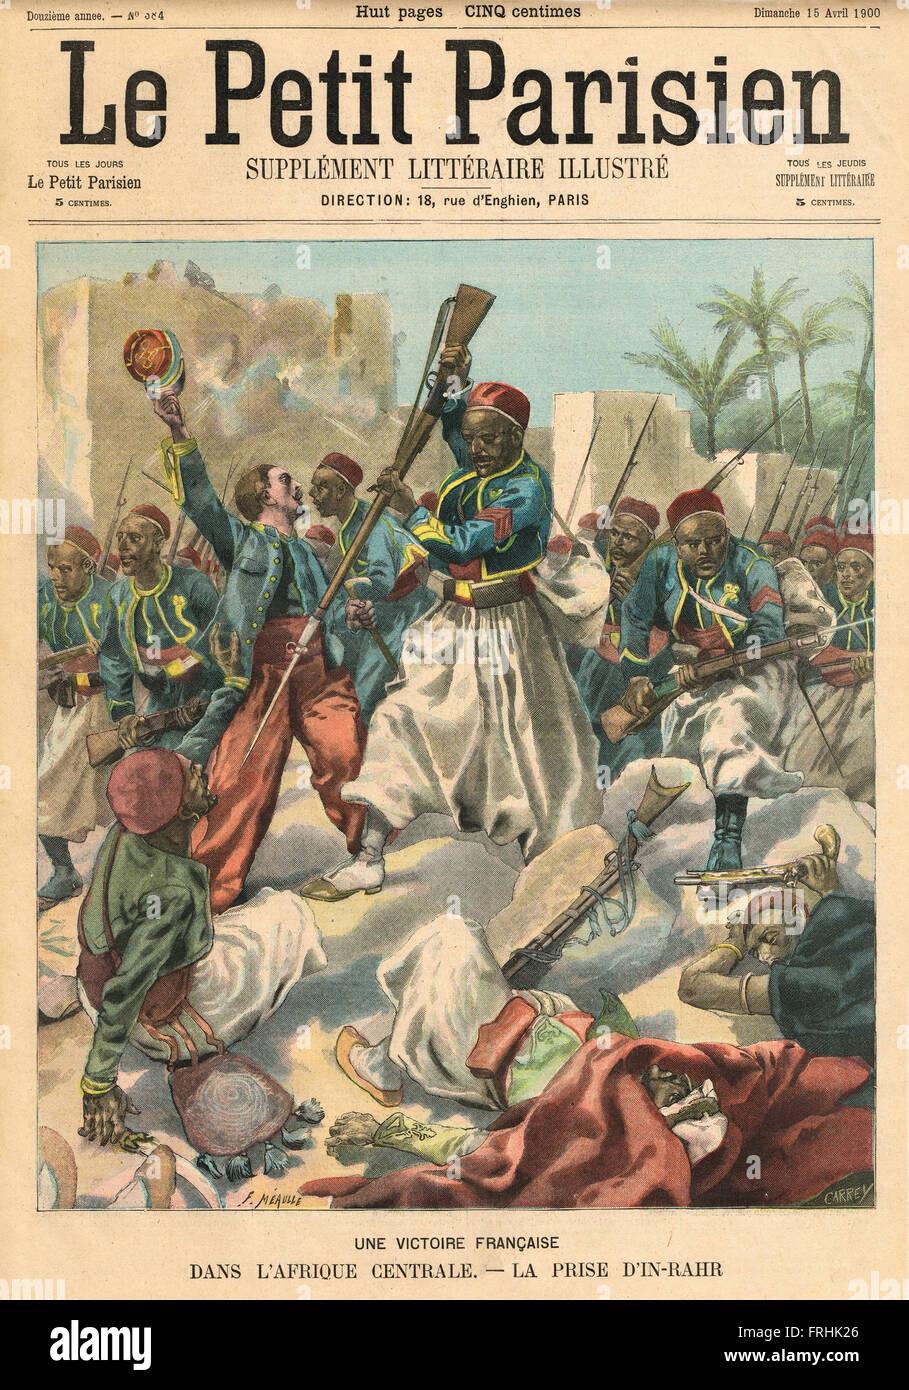 Battle of In-Rahr Algeria Africa 1900 - Stock Image